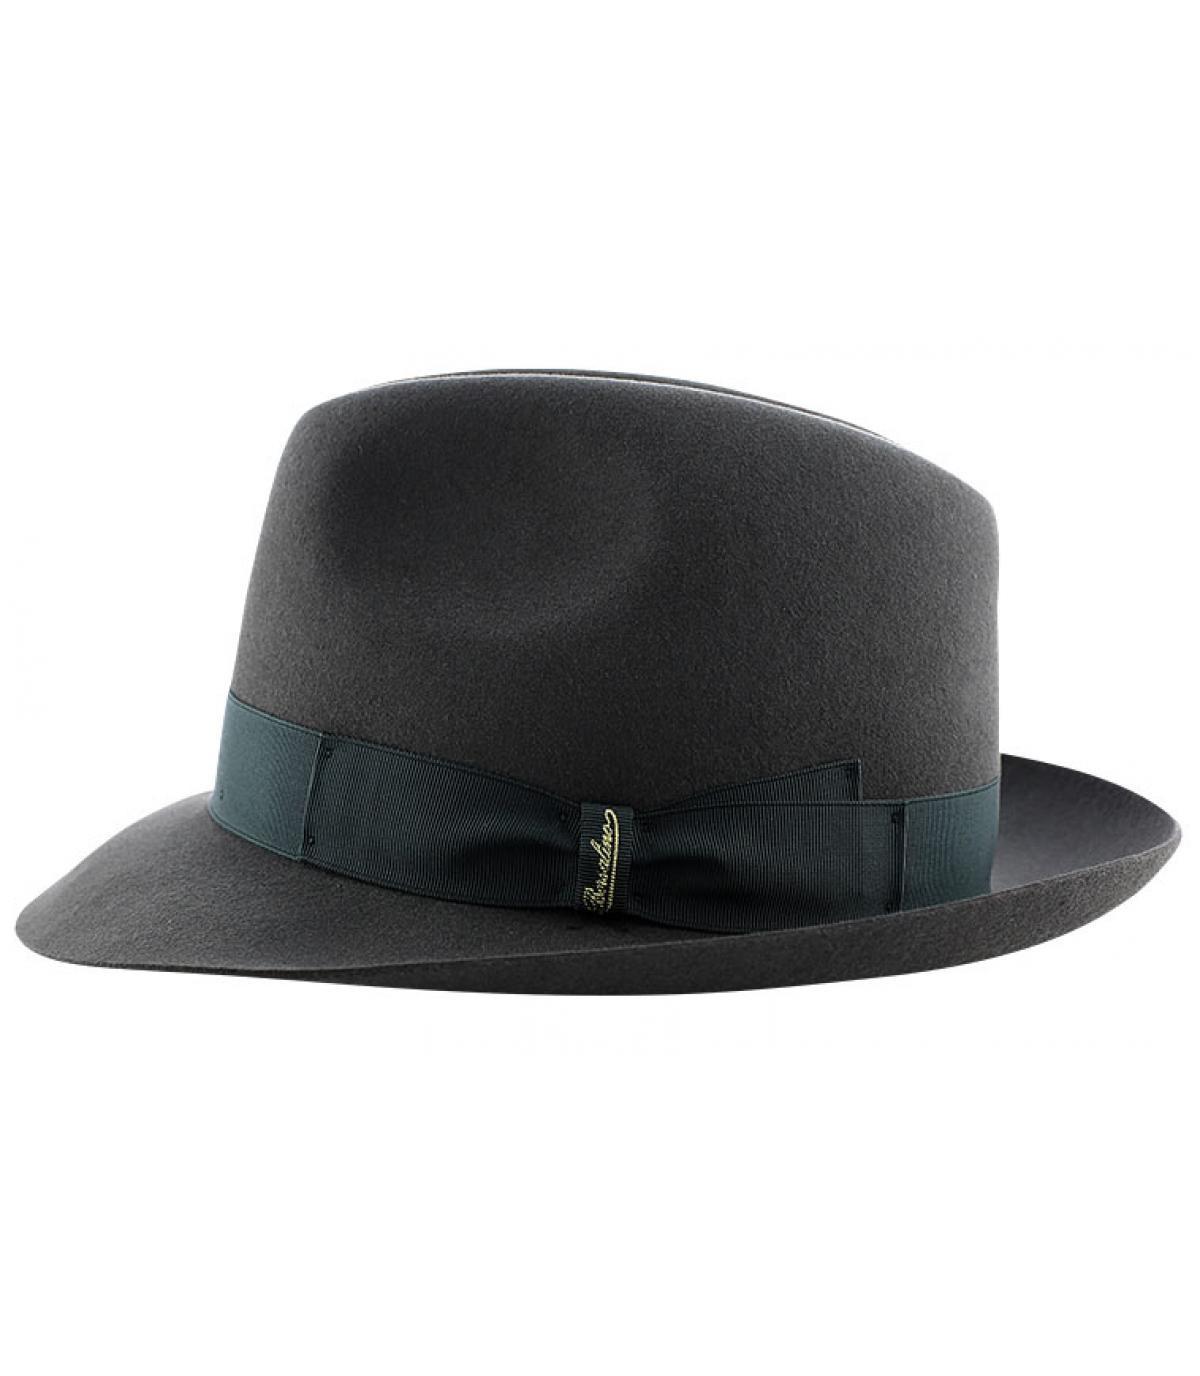 Détails Marengo grey fur felt hat - image 4